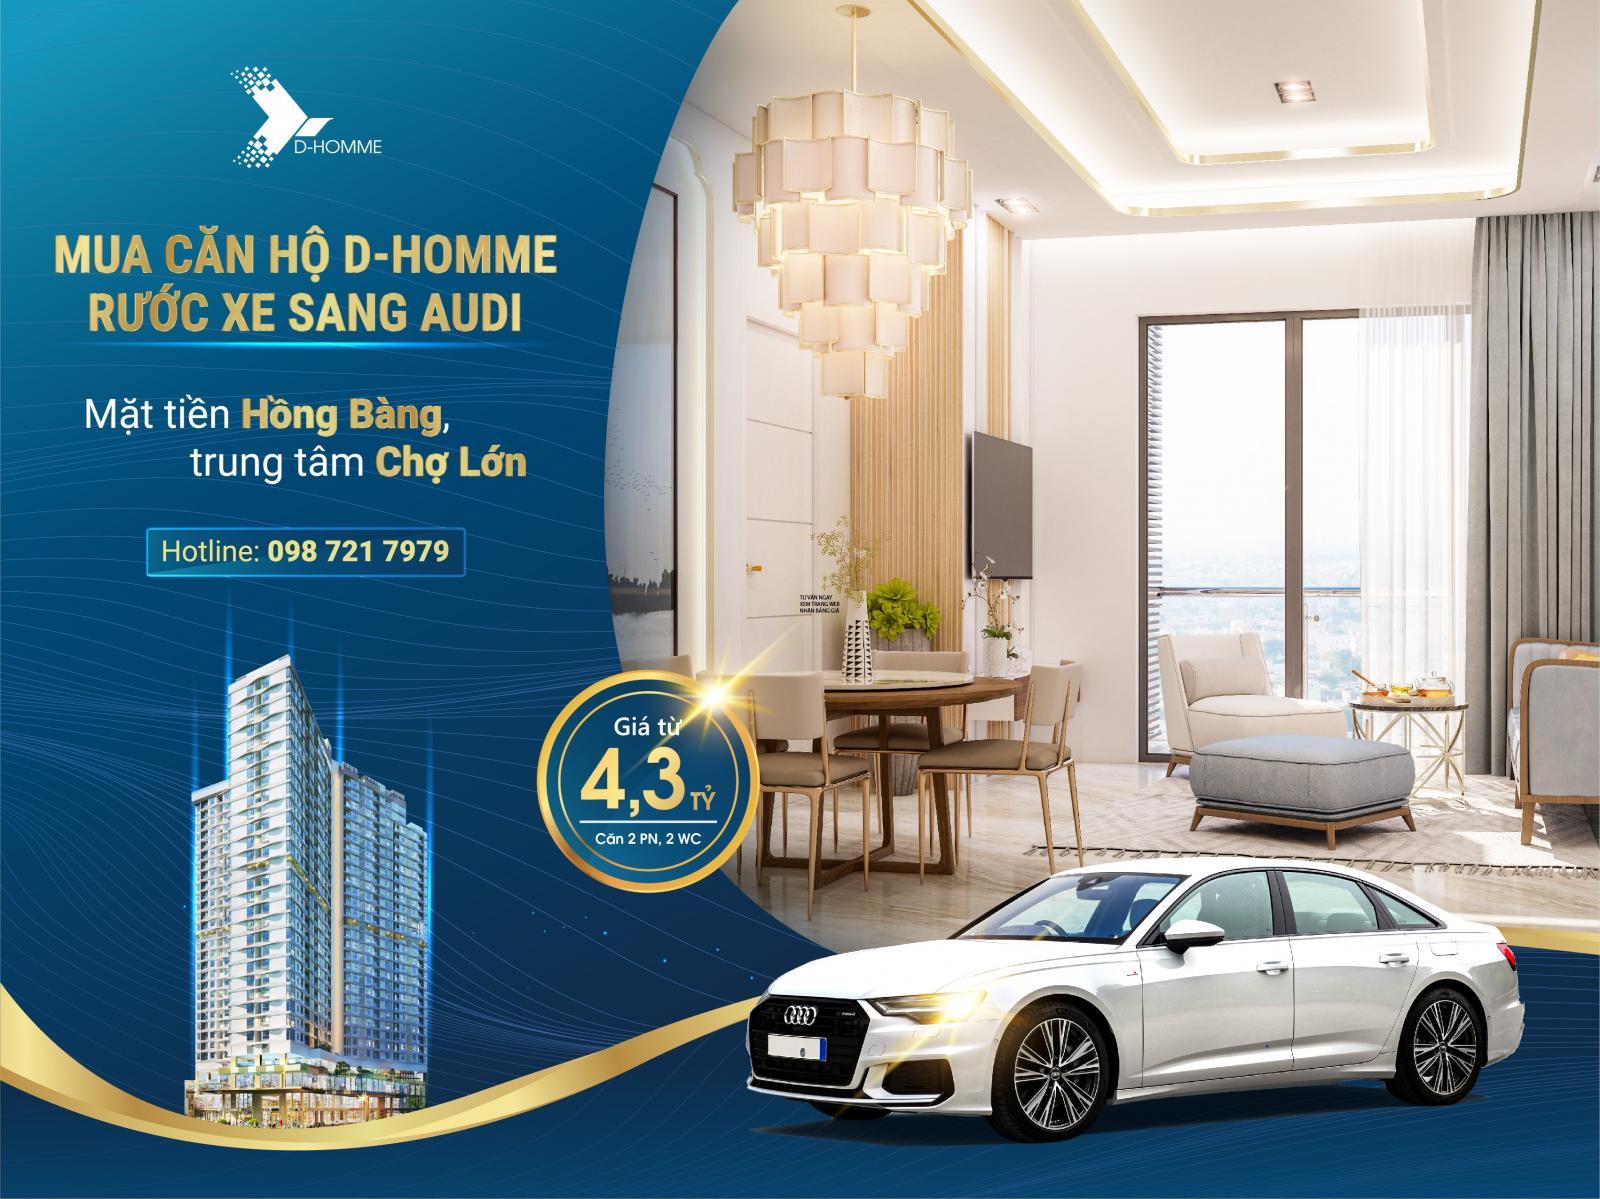 Tất cả chủ nhân tương lai của căn hộ D-Homme sẽ có cơ hội sở hữu quà tặng là một chiếc ô tô Audi A6